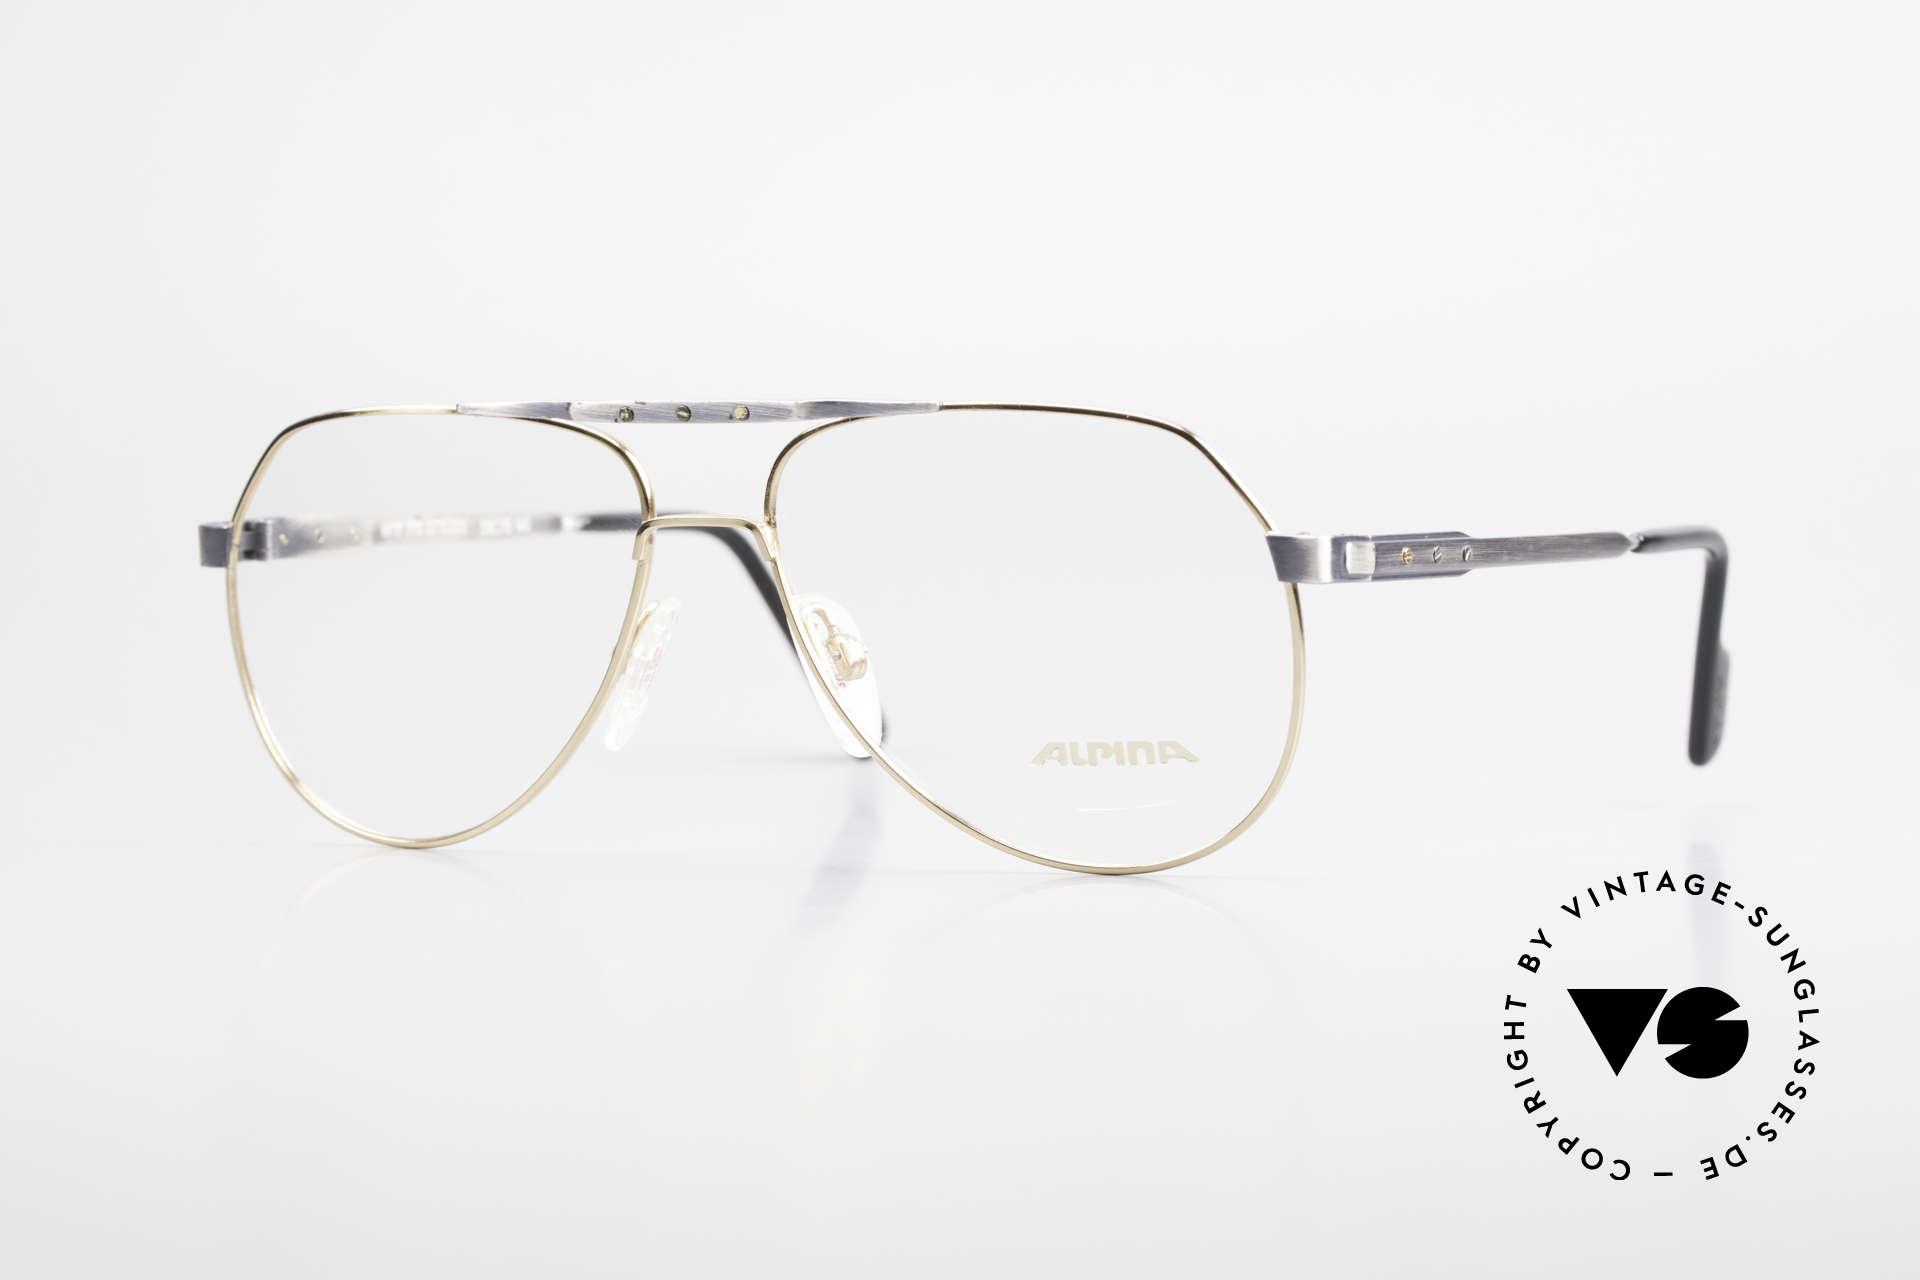 Alpina M1F770 Vintage Brille Pilotenstil 90er, Alpina vintage Brille M1F770 in Gr. 59/15, 140, Passend für Herren